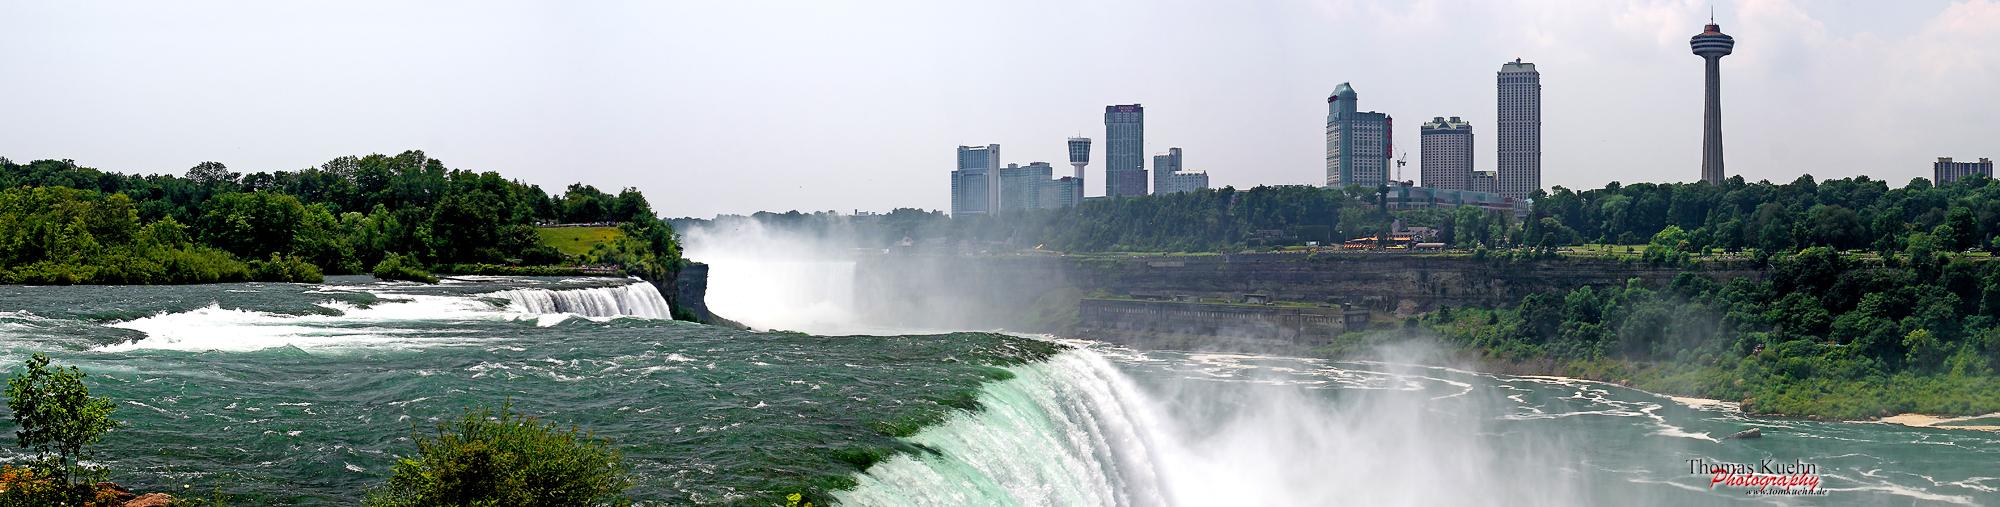 Niagara Fälle Panorama